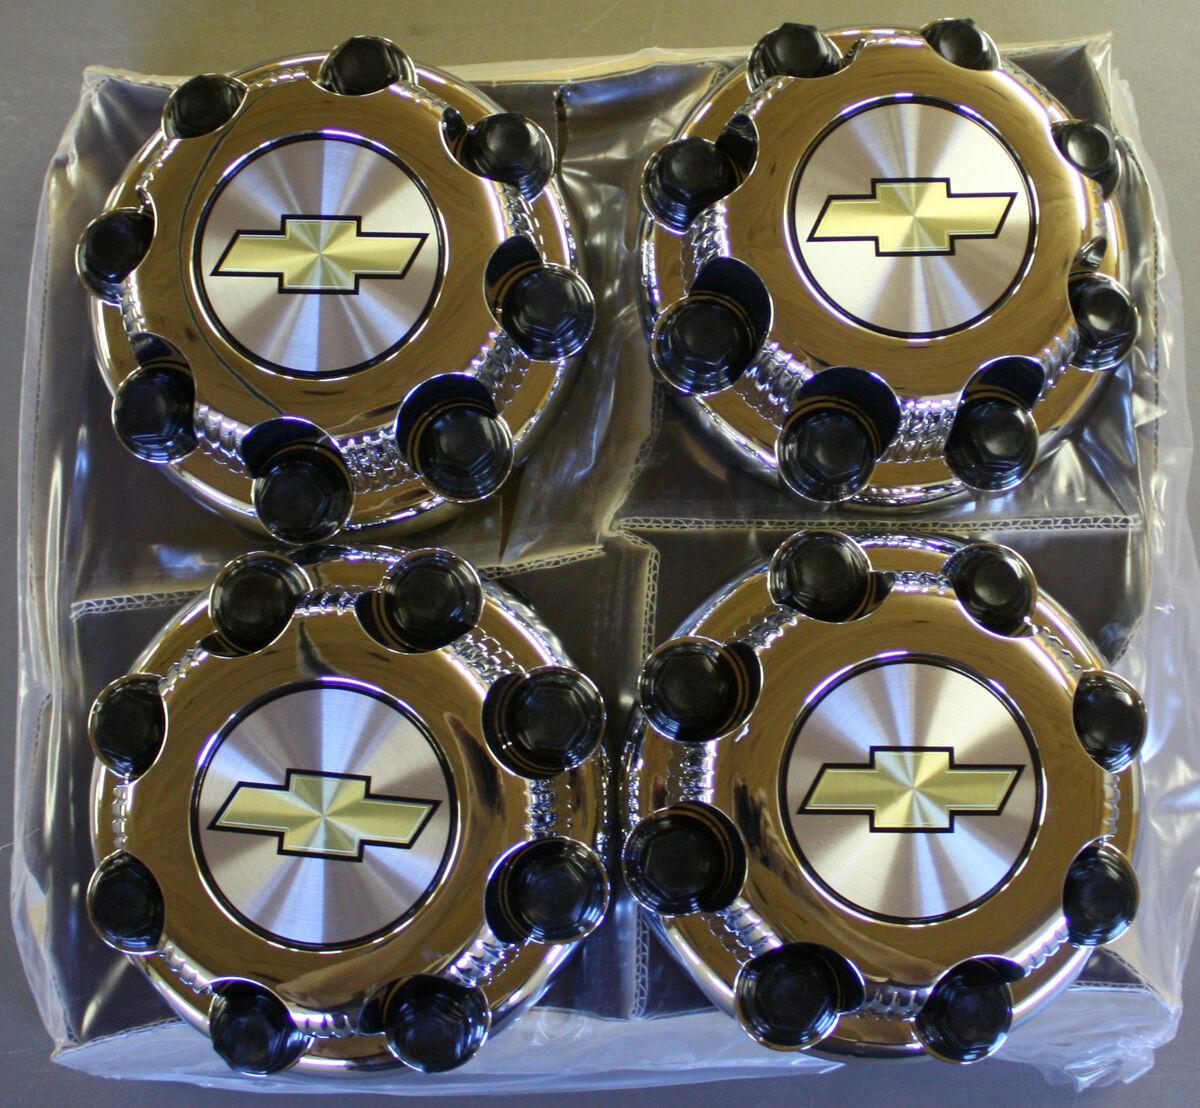 GM Chevy Silverado 8 Lug Center Caps 16 Aluminum 2500 Wheels